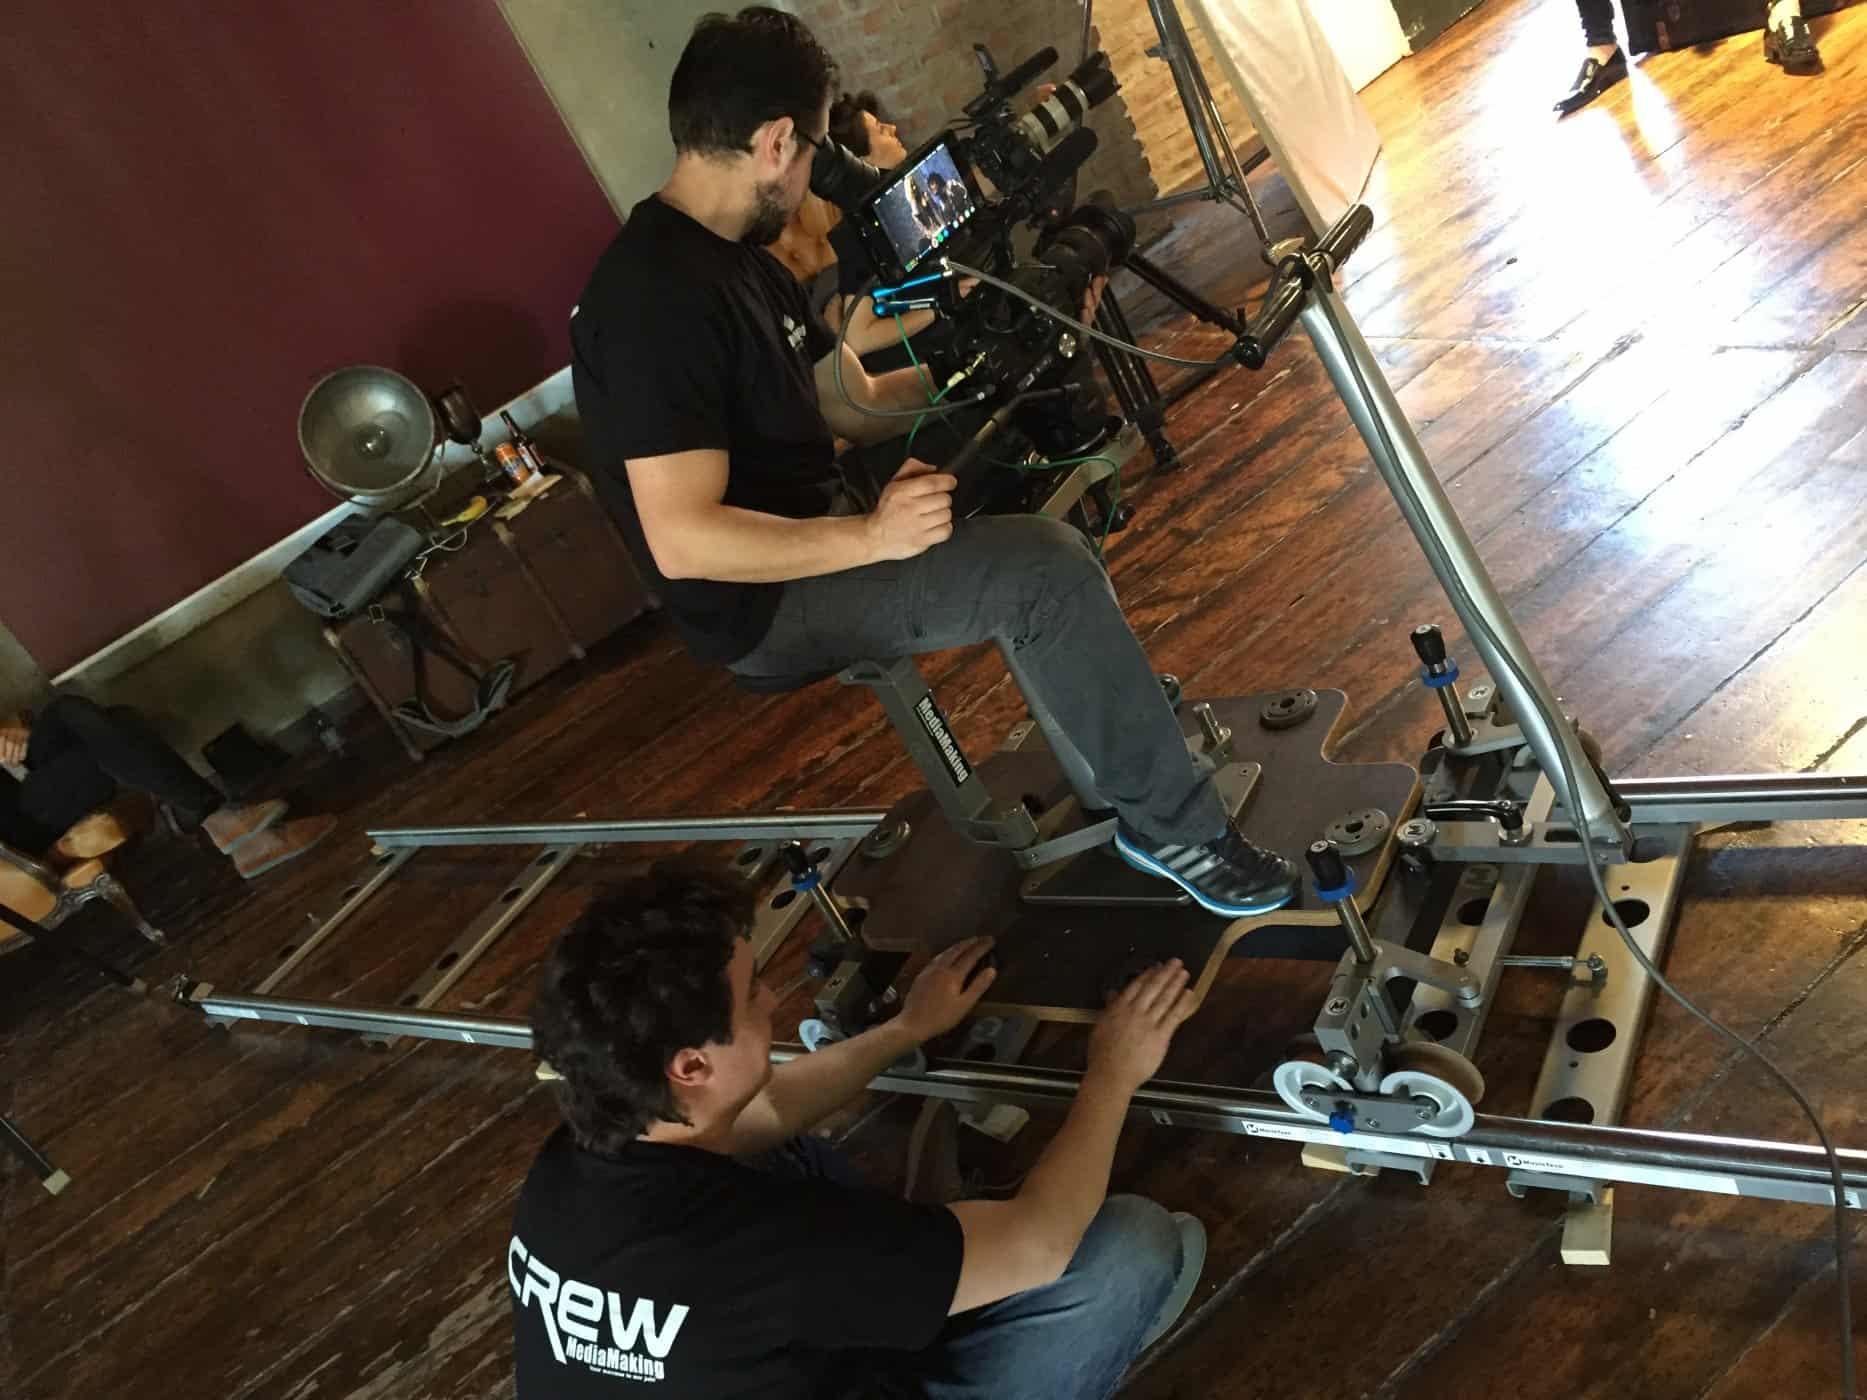 Videoproduzioni-postproduzione-eventi-streaming-service-broadcast-noleggio (3)